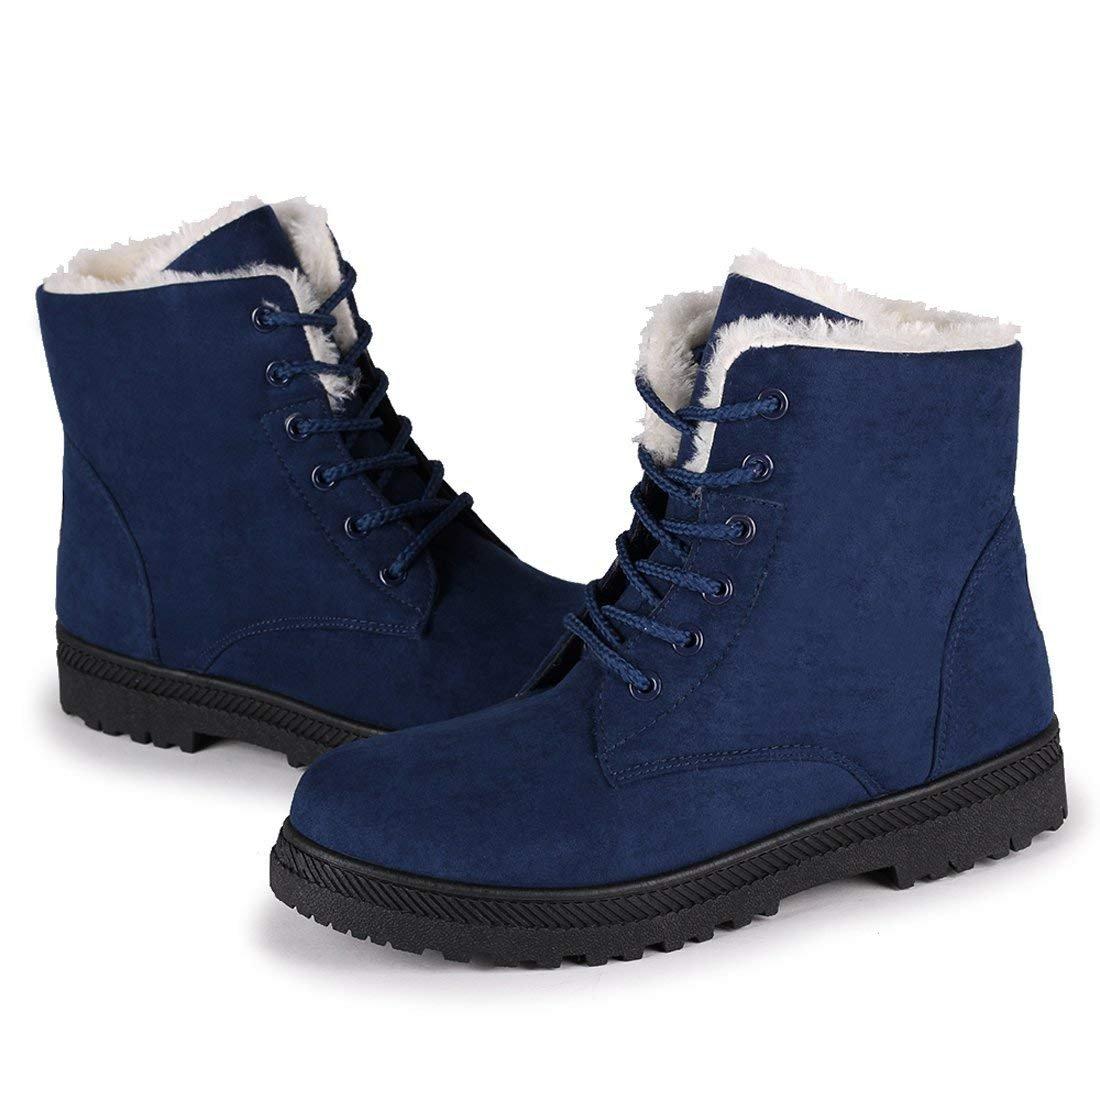 Susanny Suede Flat Platform Sneaker Shoes Plus Velvet Winter Women's Lace up Blue Cotton Snow Boots 5 B (M) US